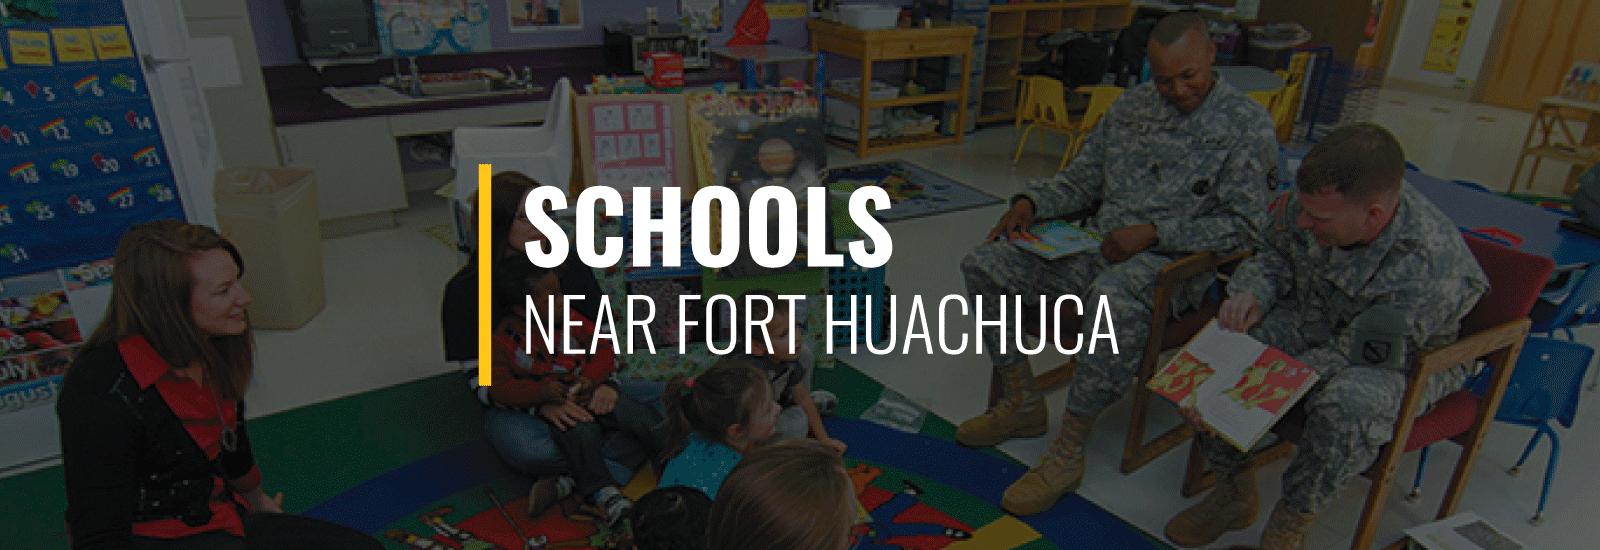 Fort Huachuca Schools